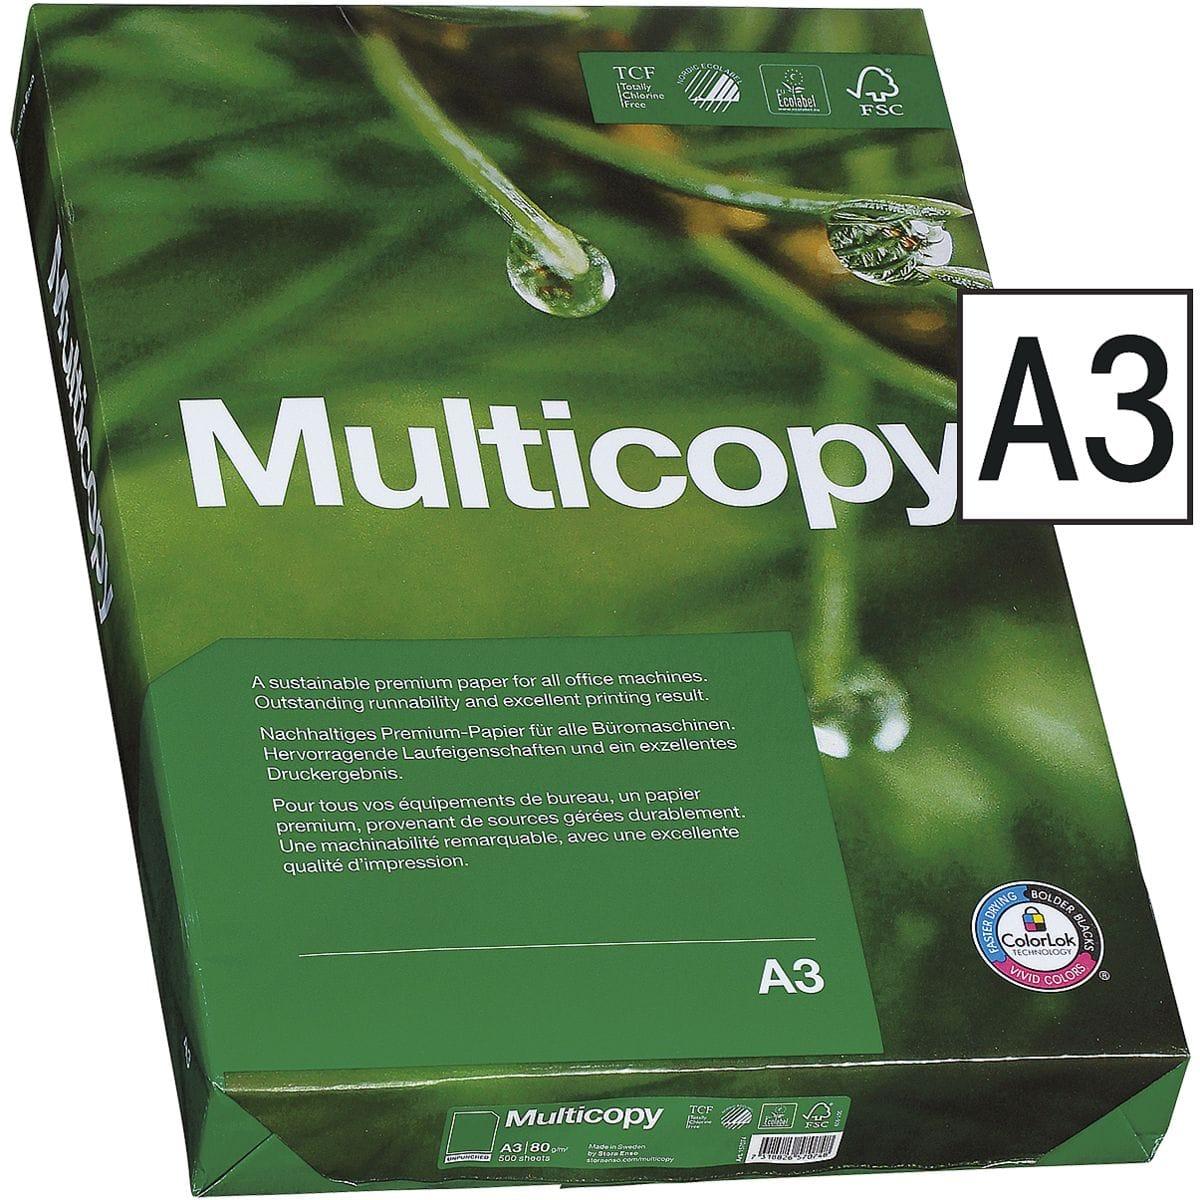 Multicopy Papier 80g/m² DIN-A3 - 2500 Blatt Exzellentes Druckergebnis mit Umweltbewusstsein